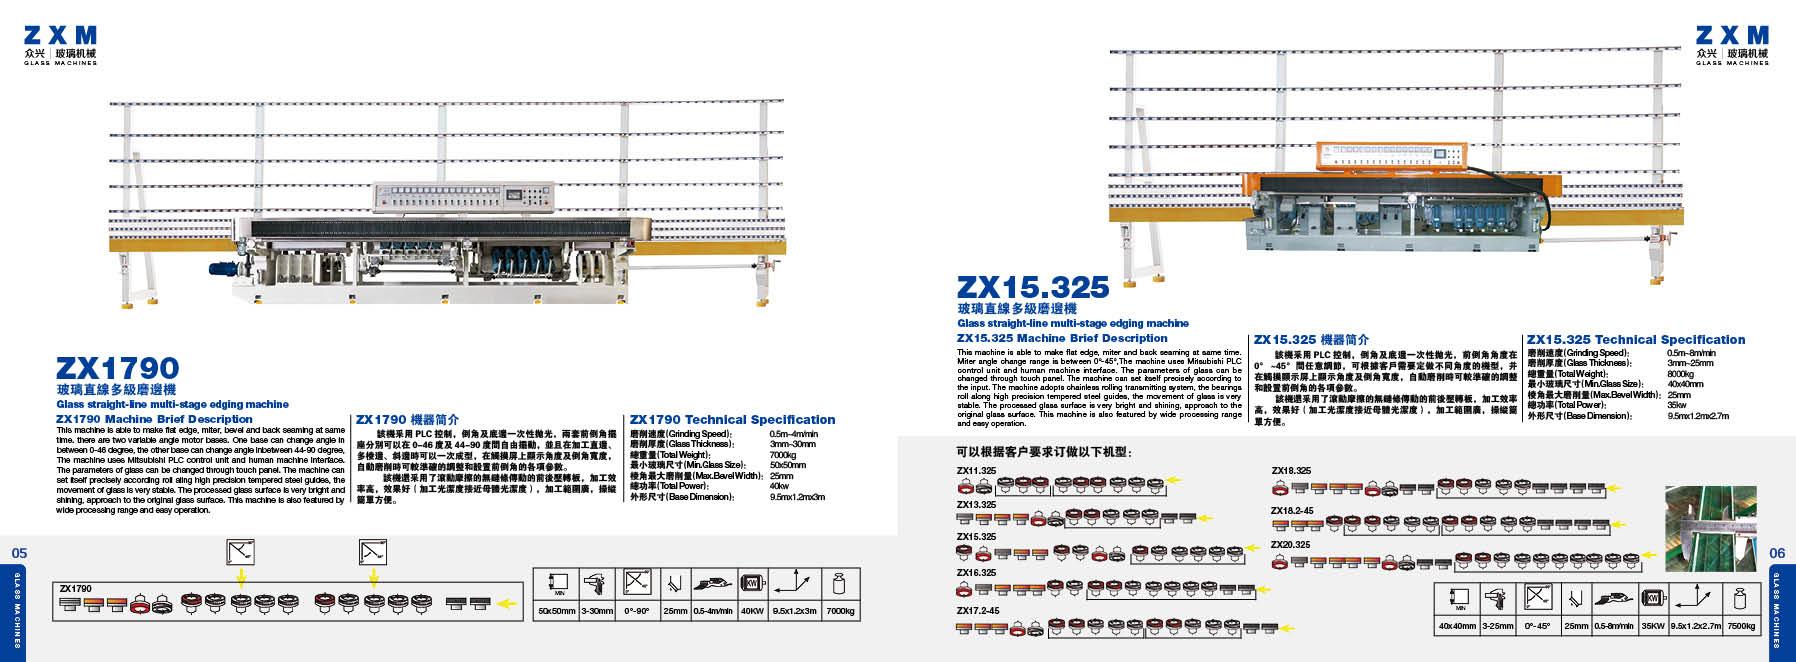 Maszyny szklarskie ZXM 06